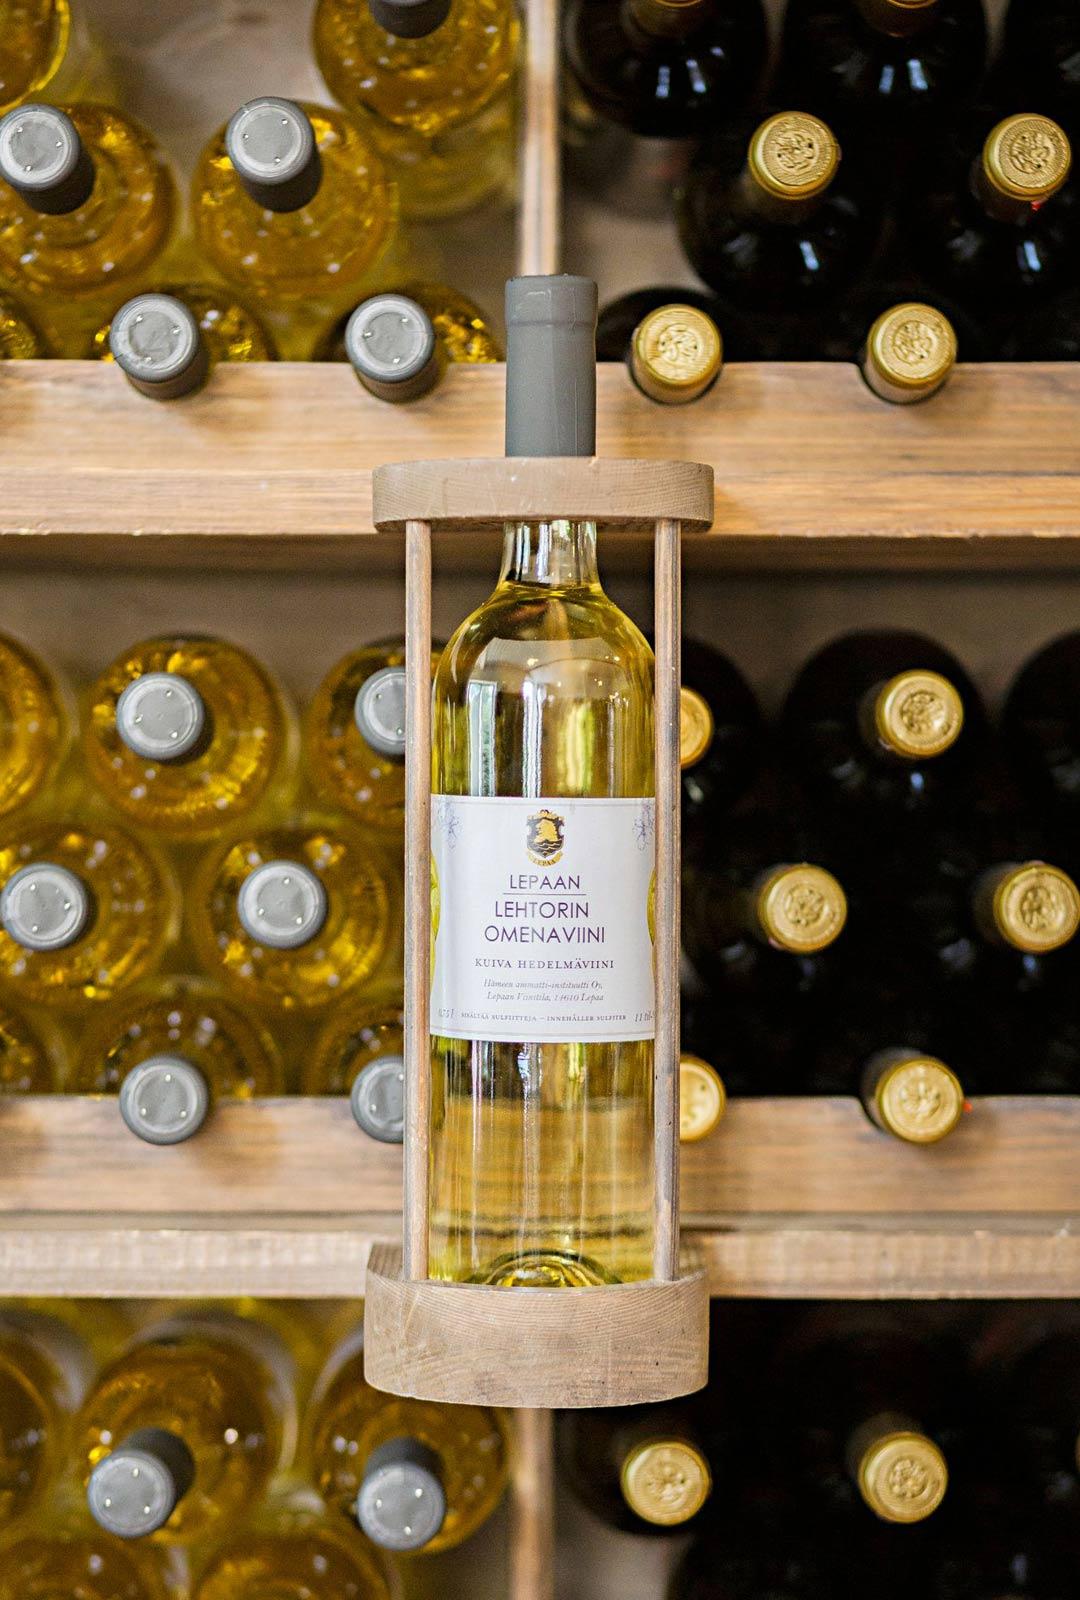 Viinitilalta voi ostaa mukaan sekä viiniä että siideriä.